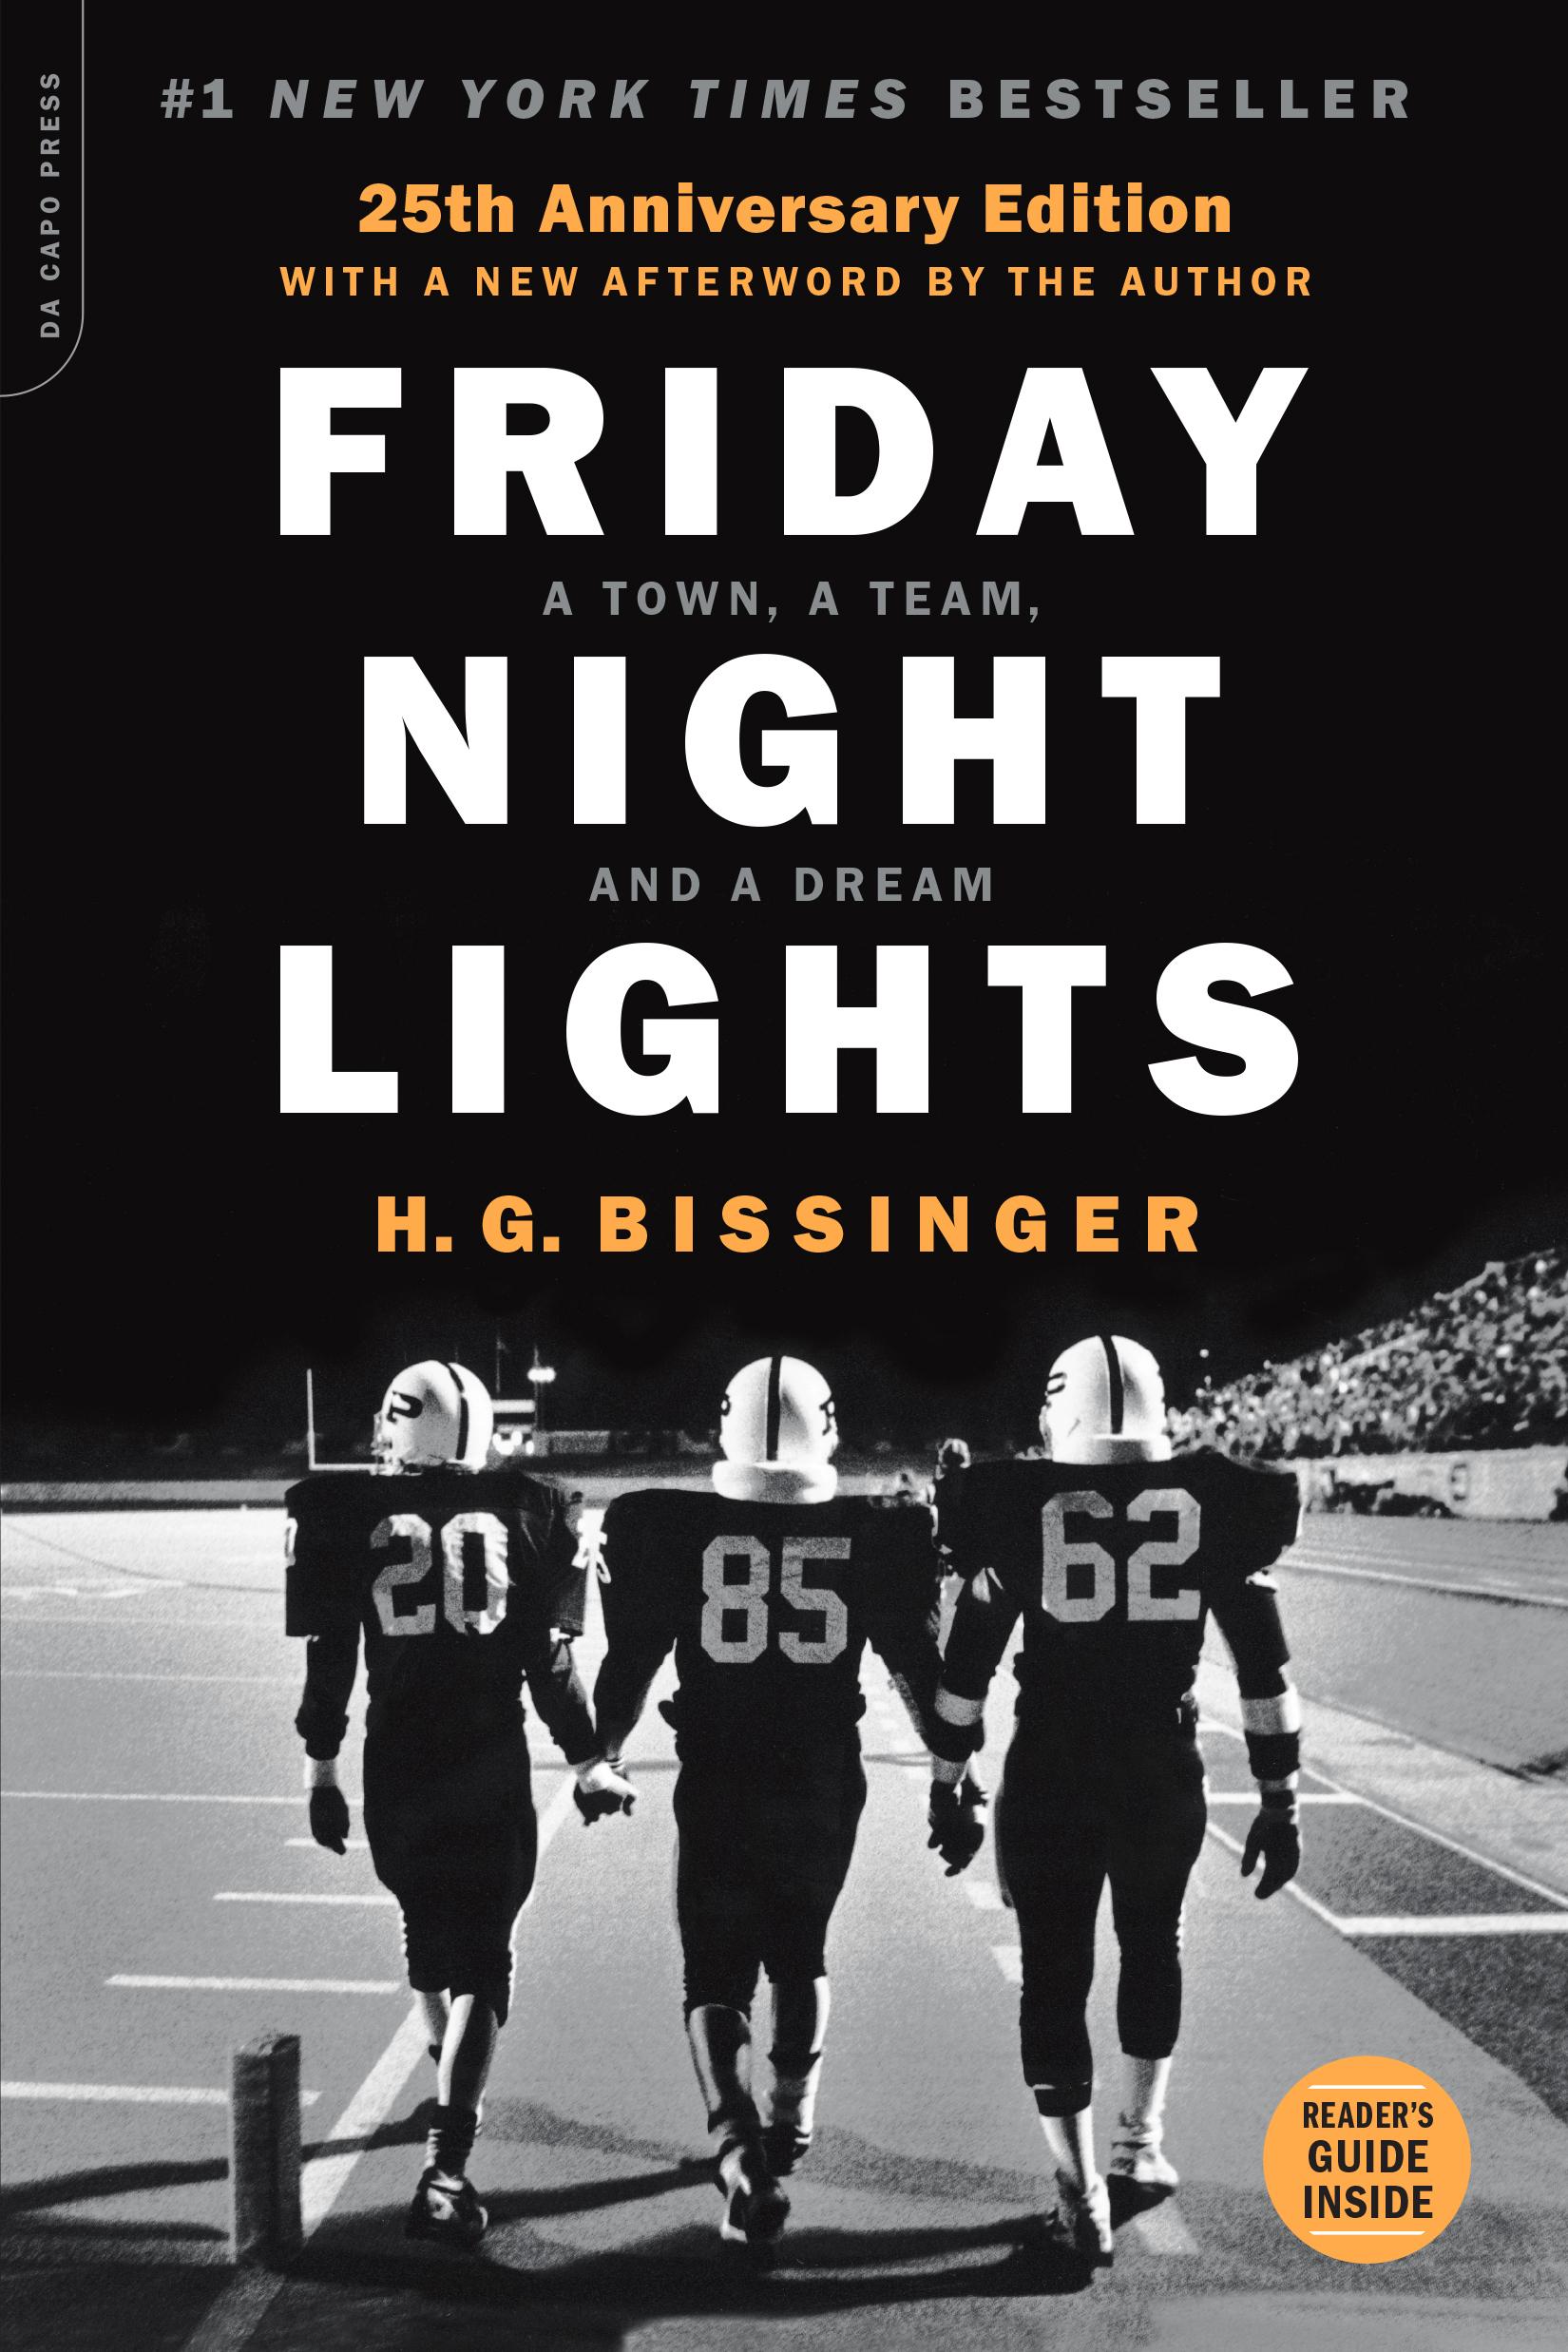 Friday Night Lights: la copertina del romanzo in occasione del 25esimo anniversario